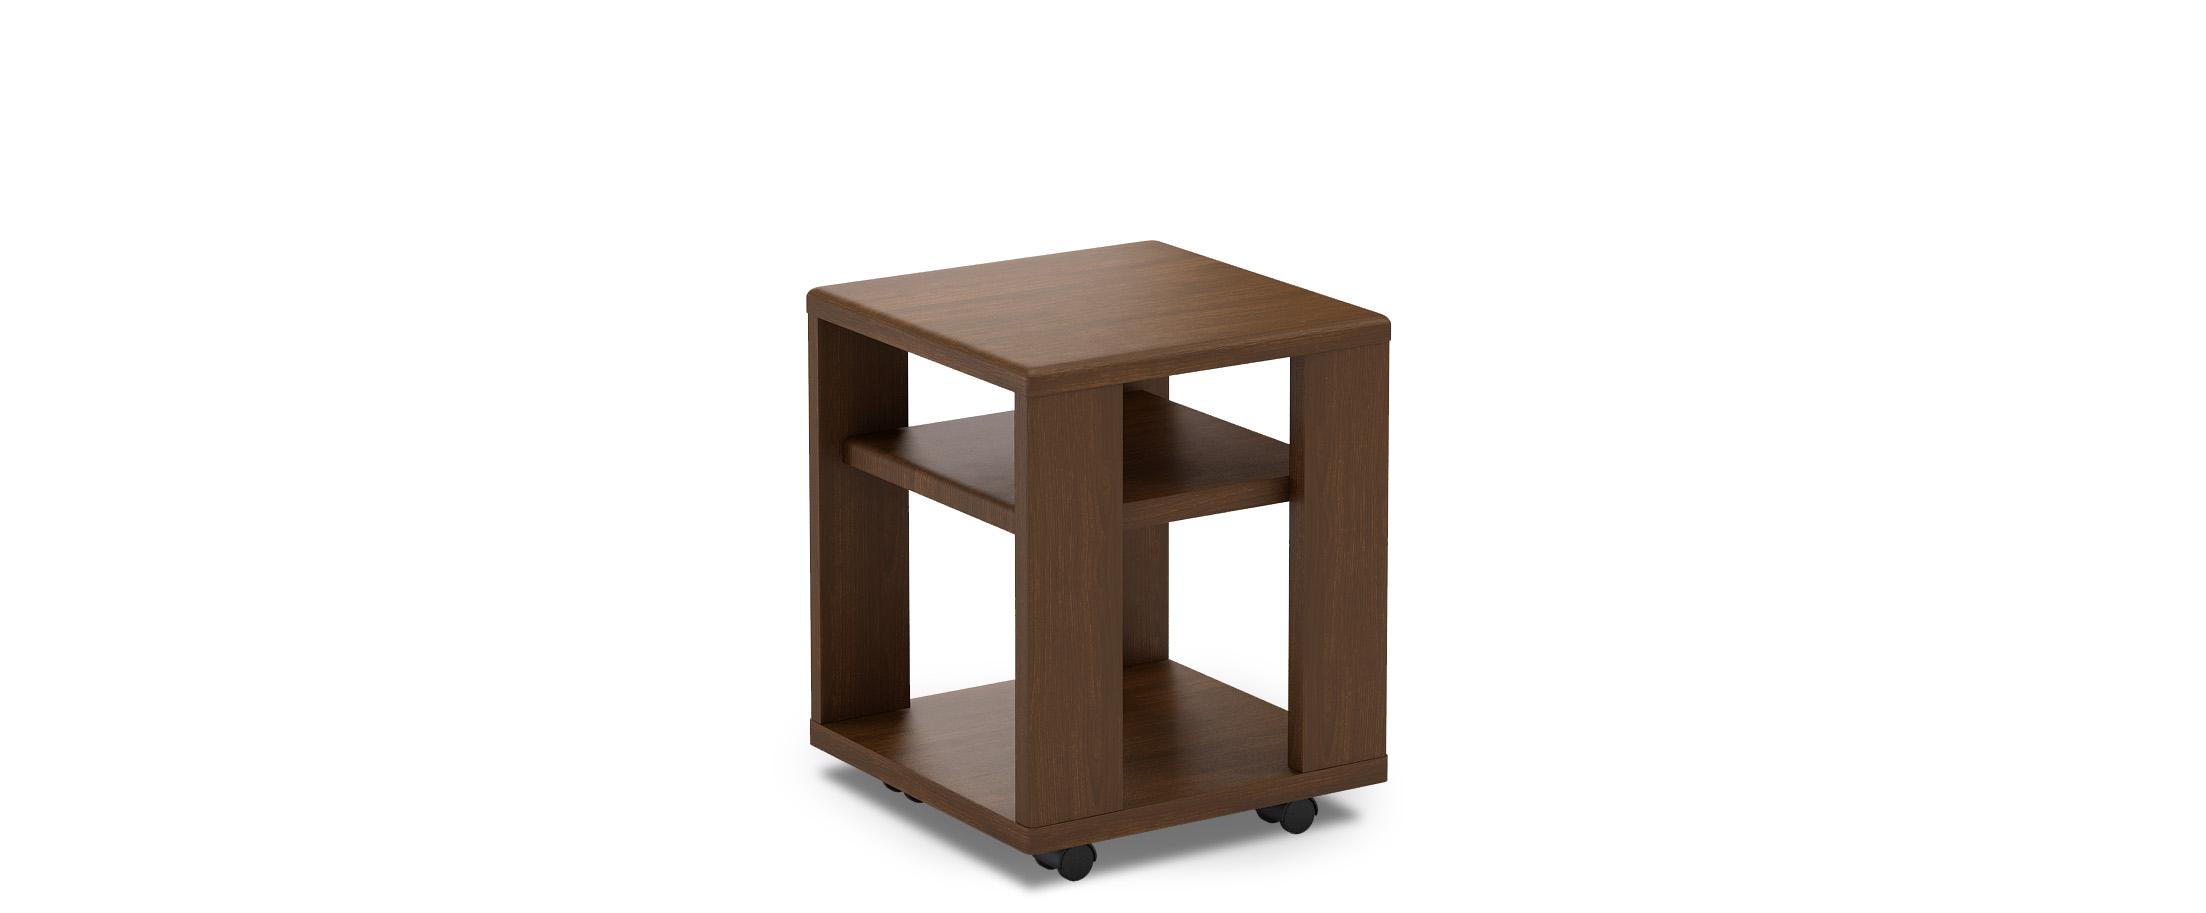 Журнальный стол Модель 026 за 6440 руб.